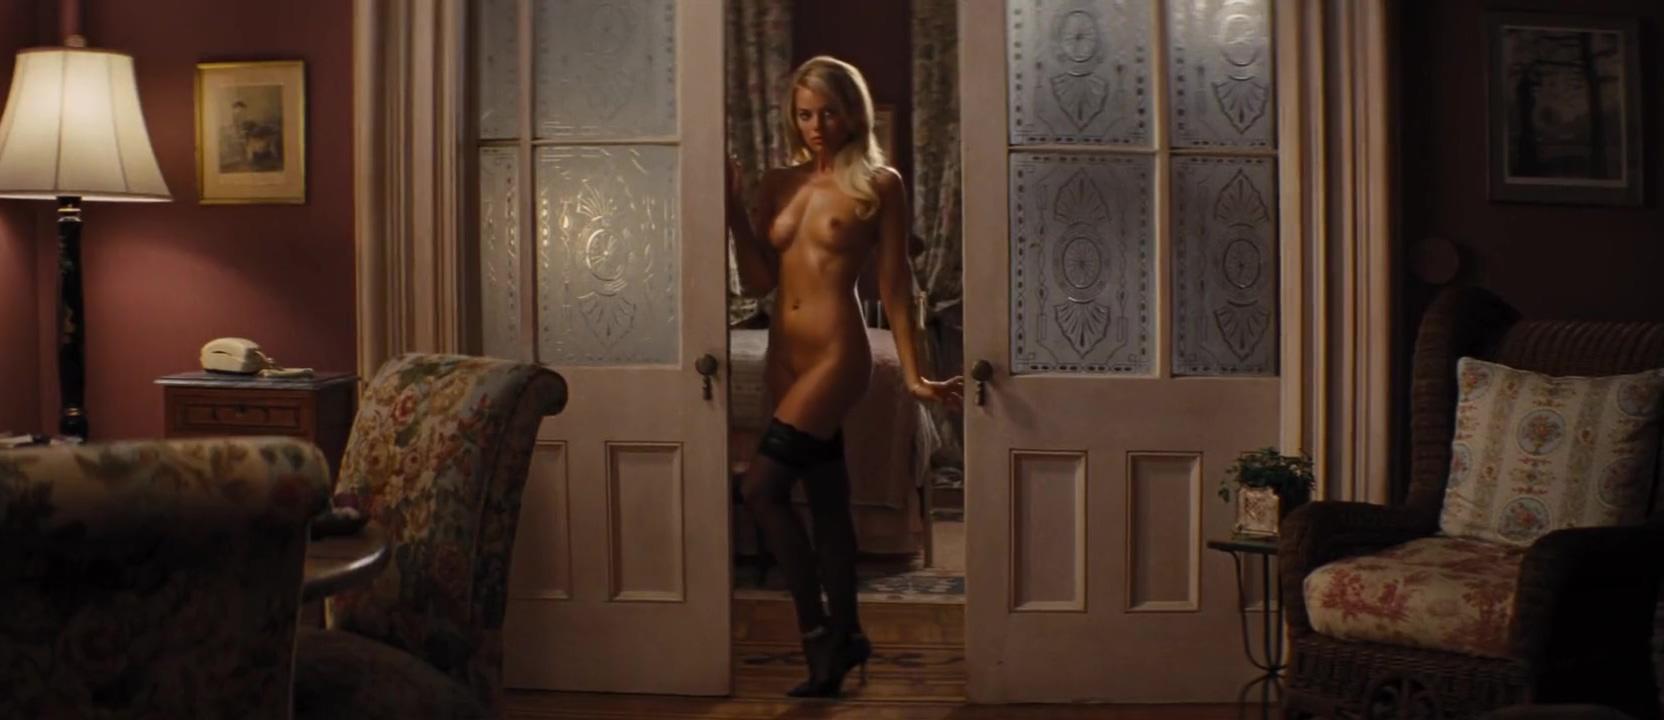 Margot Robbie Wolf of Wall Street best naked fucking nude loop Harley Quinn